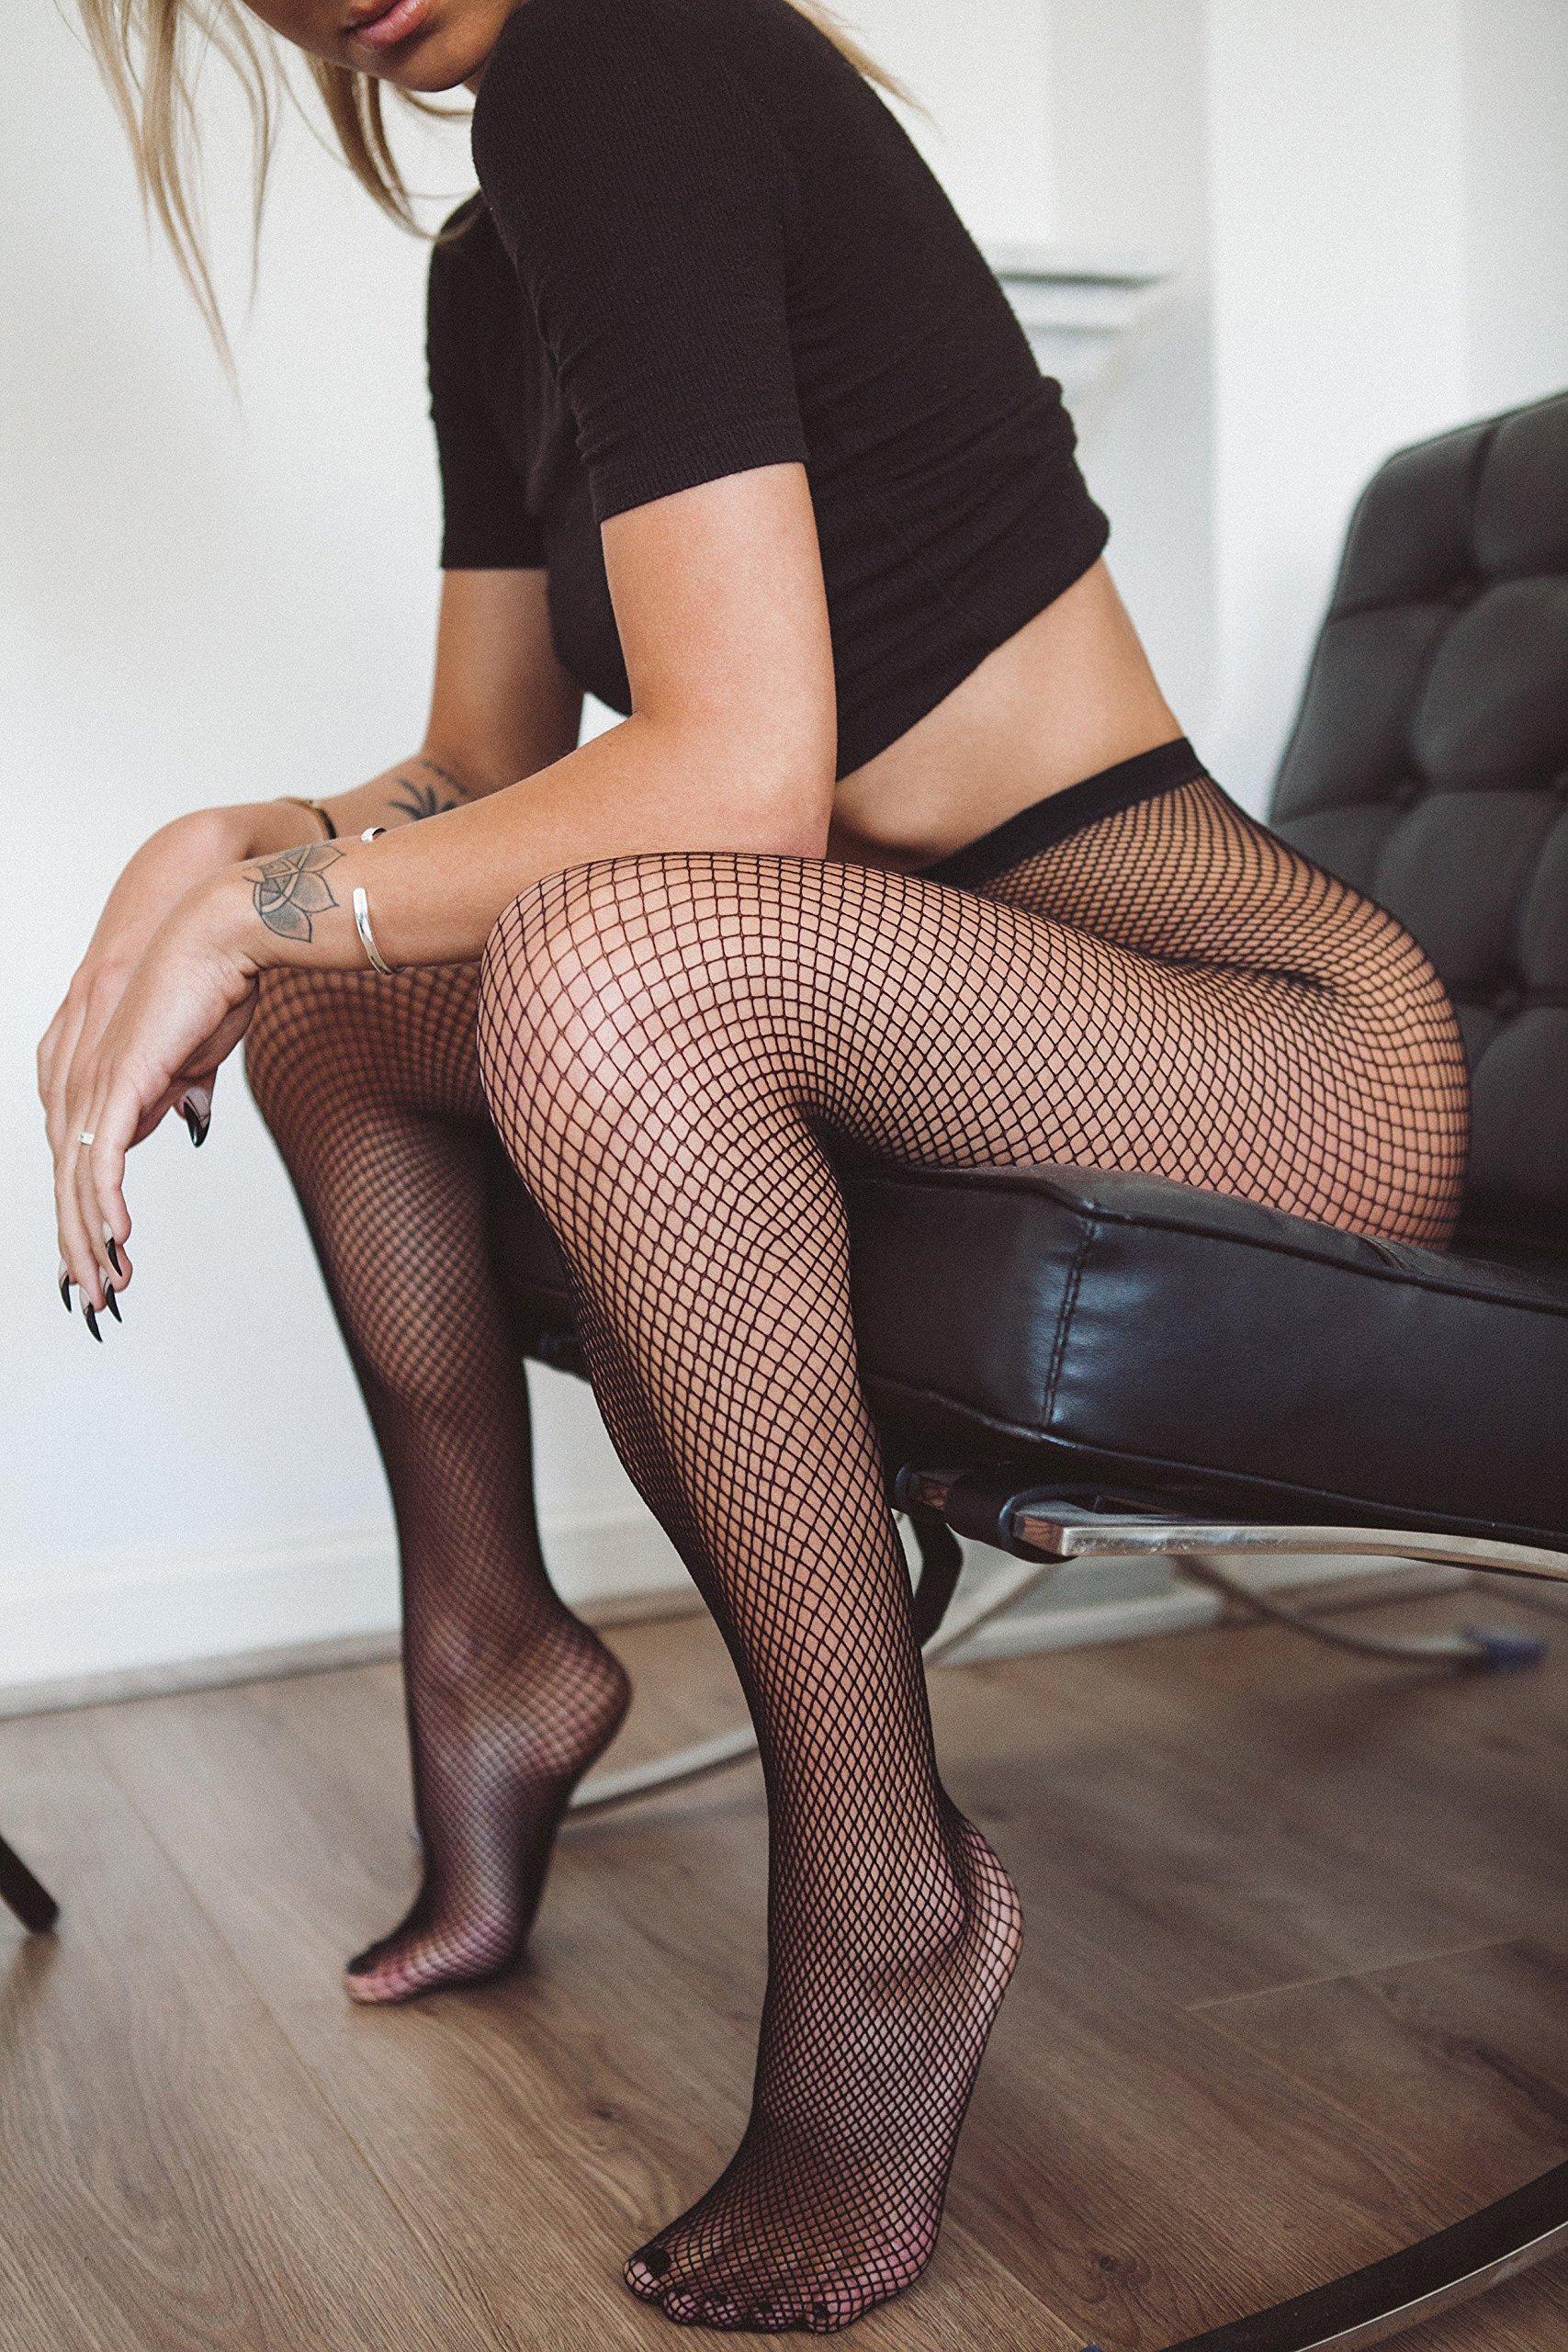 shopping-pantyhose-nylon-stockings-making-love-sensual-naked